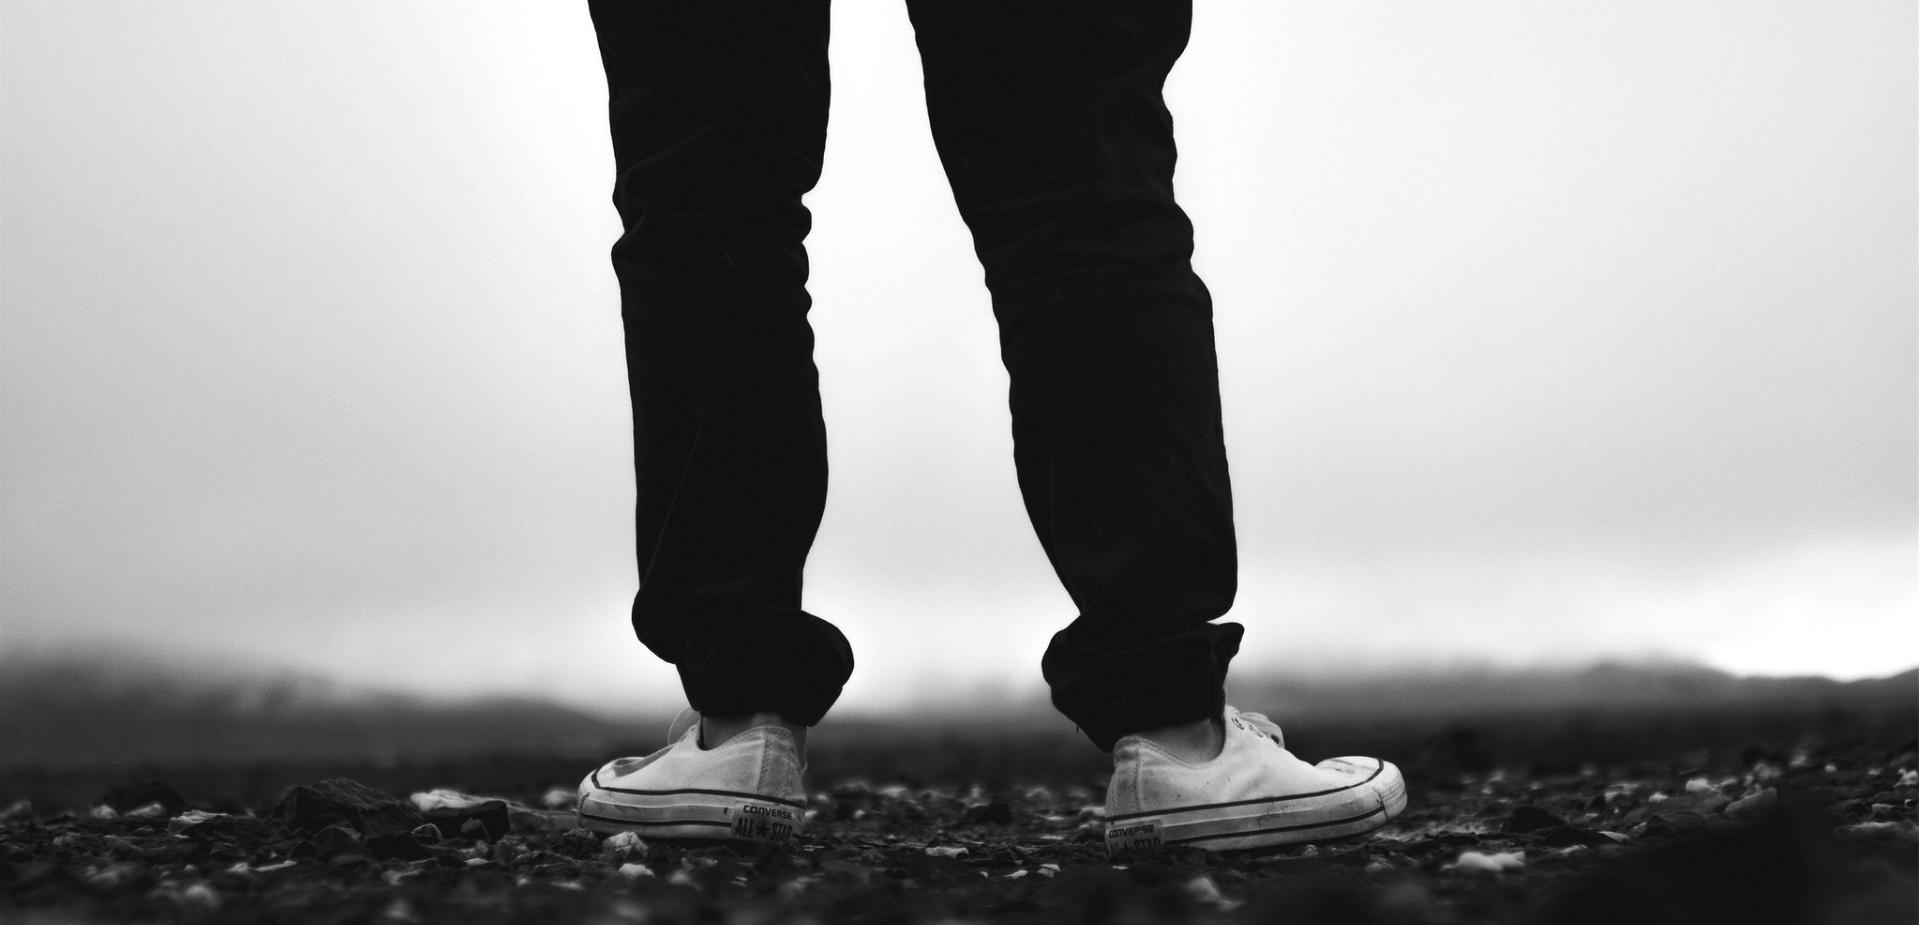 【我們這一家】父母相繼自殺、靠毒癮麻痺自我 18歲的他因為「這個」改變生命